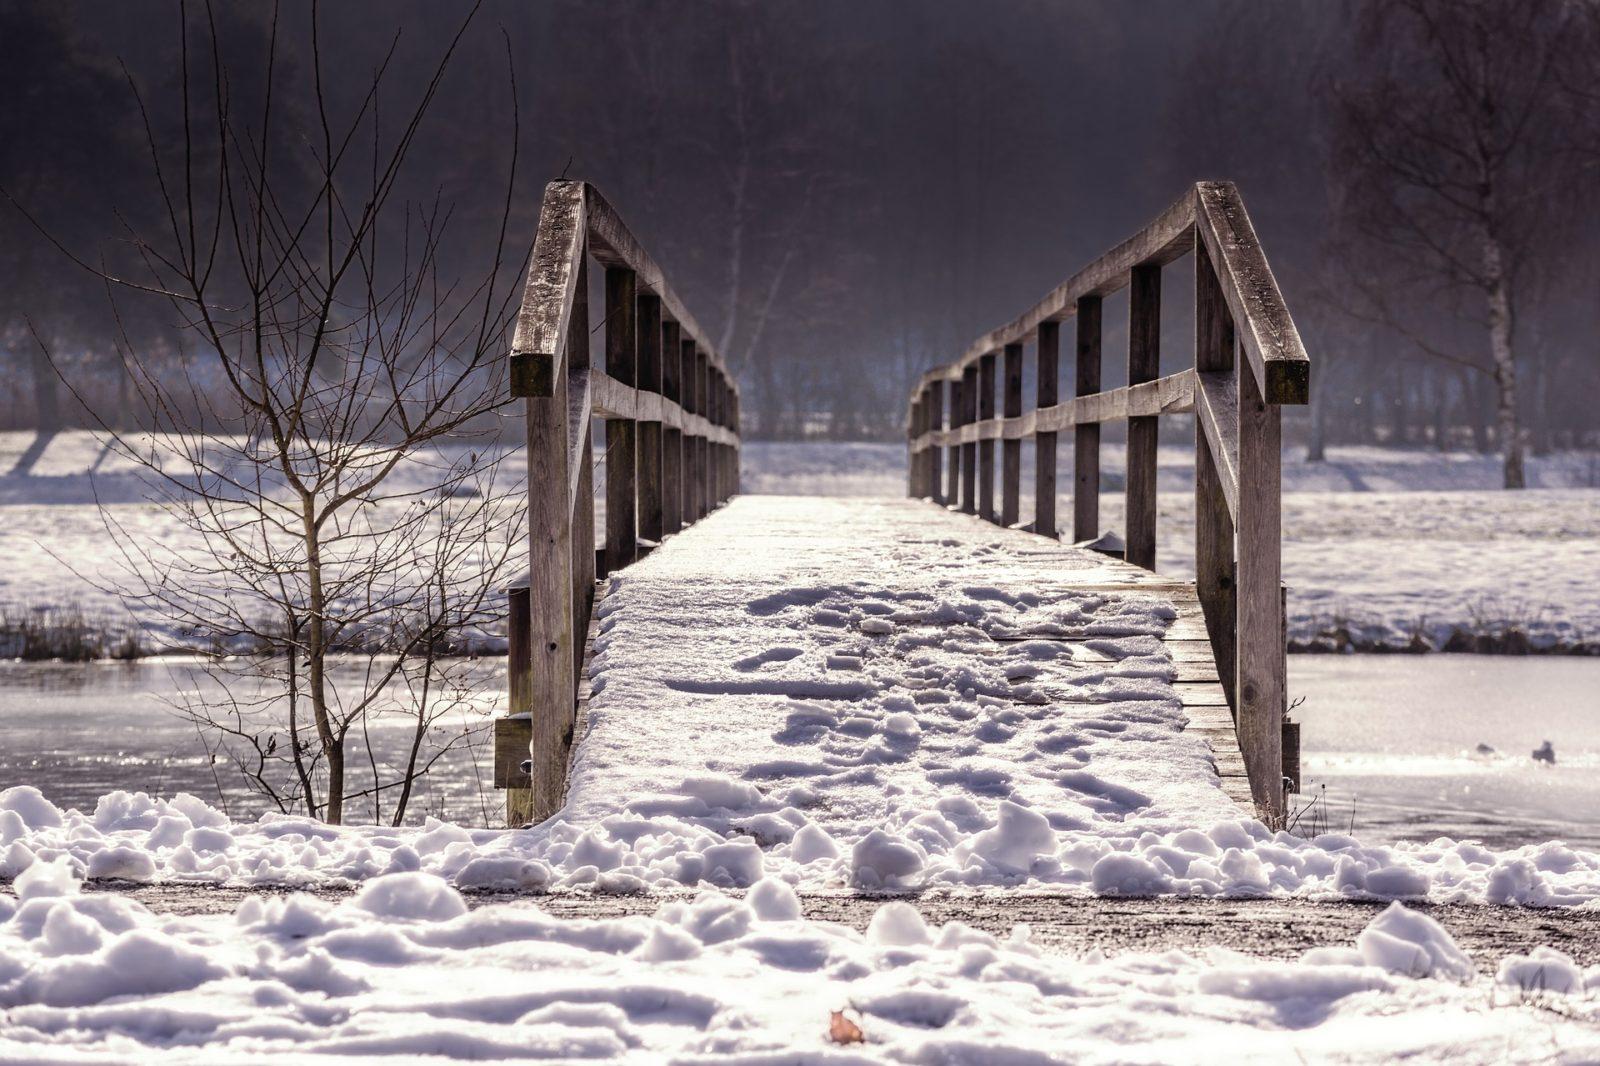 pada śnieg, wiosna, blog, inne, agnieszkagertnerblog, architecture & garden, lato, jesień, zima, Agnieszka Gertner, Przymrozek, szron, białe drzewa